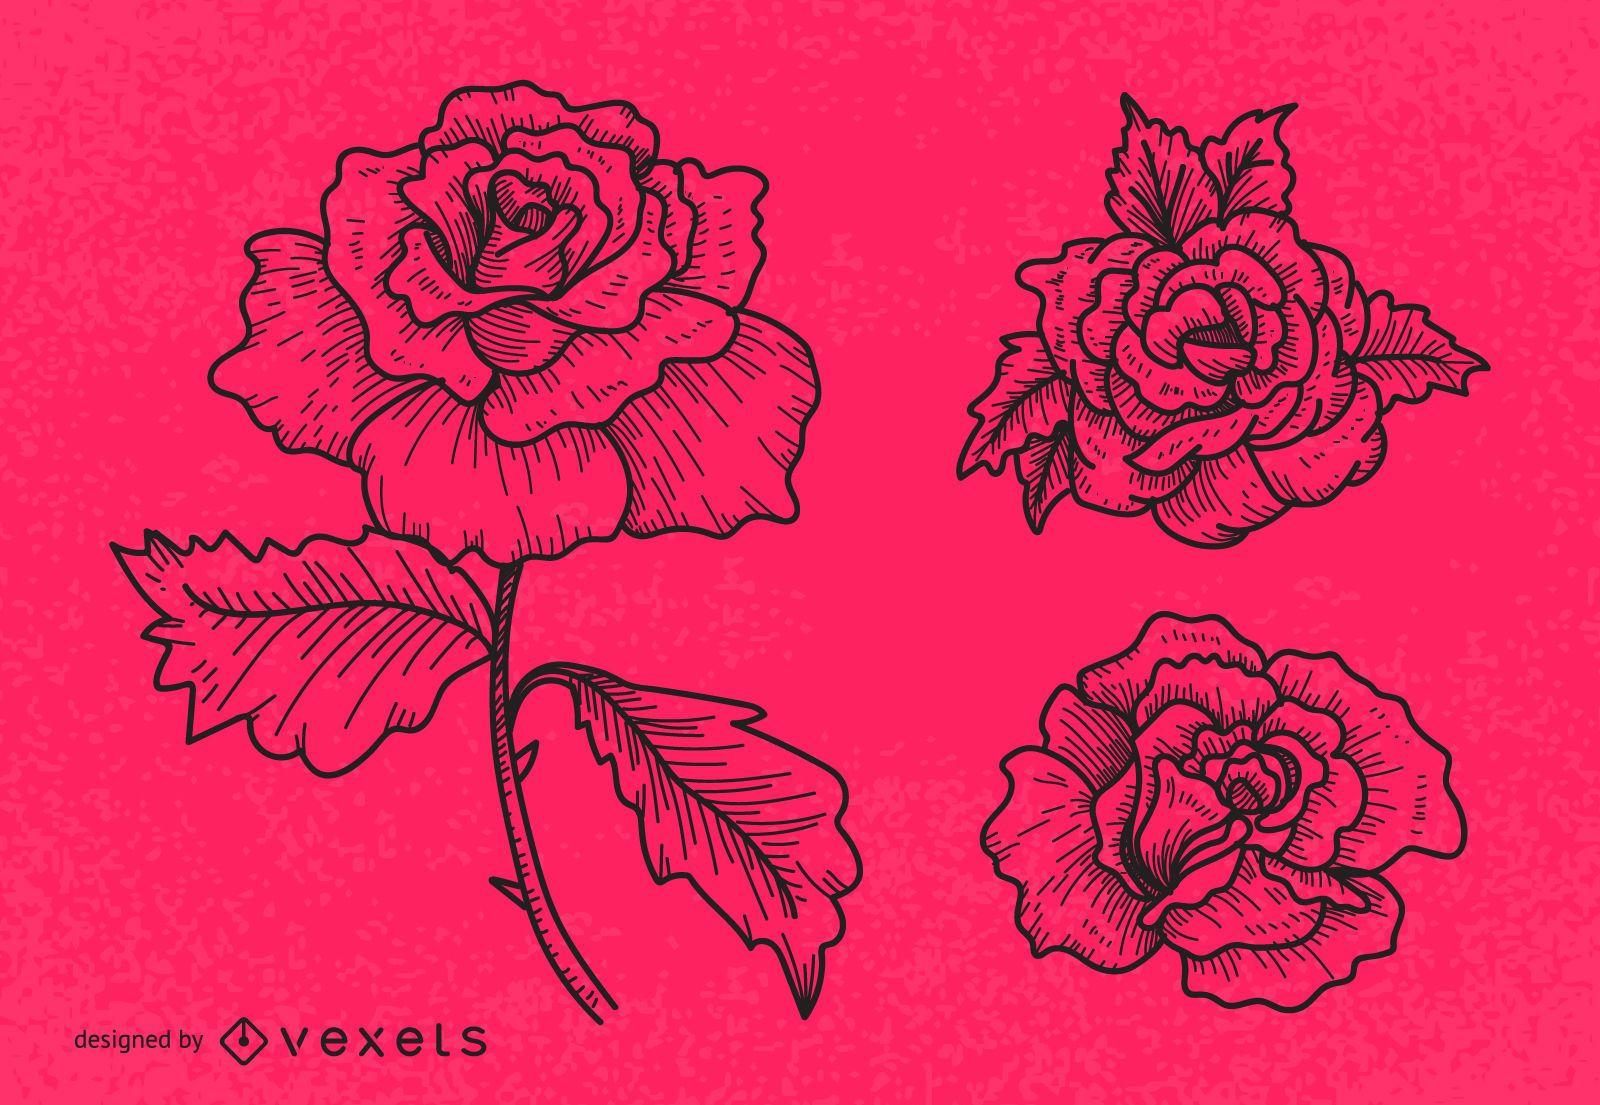 Line art rose illustration set